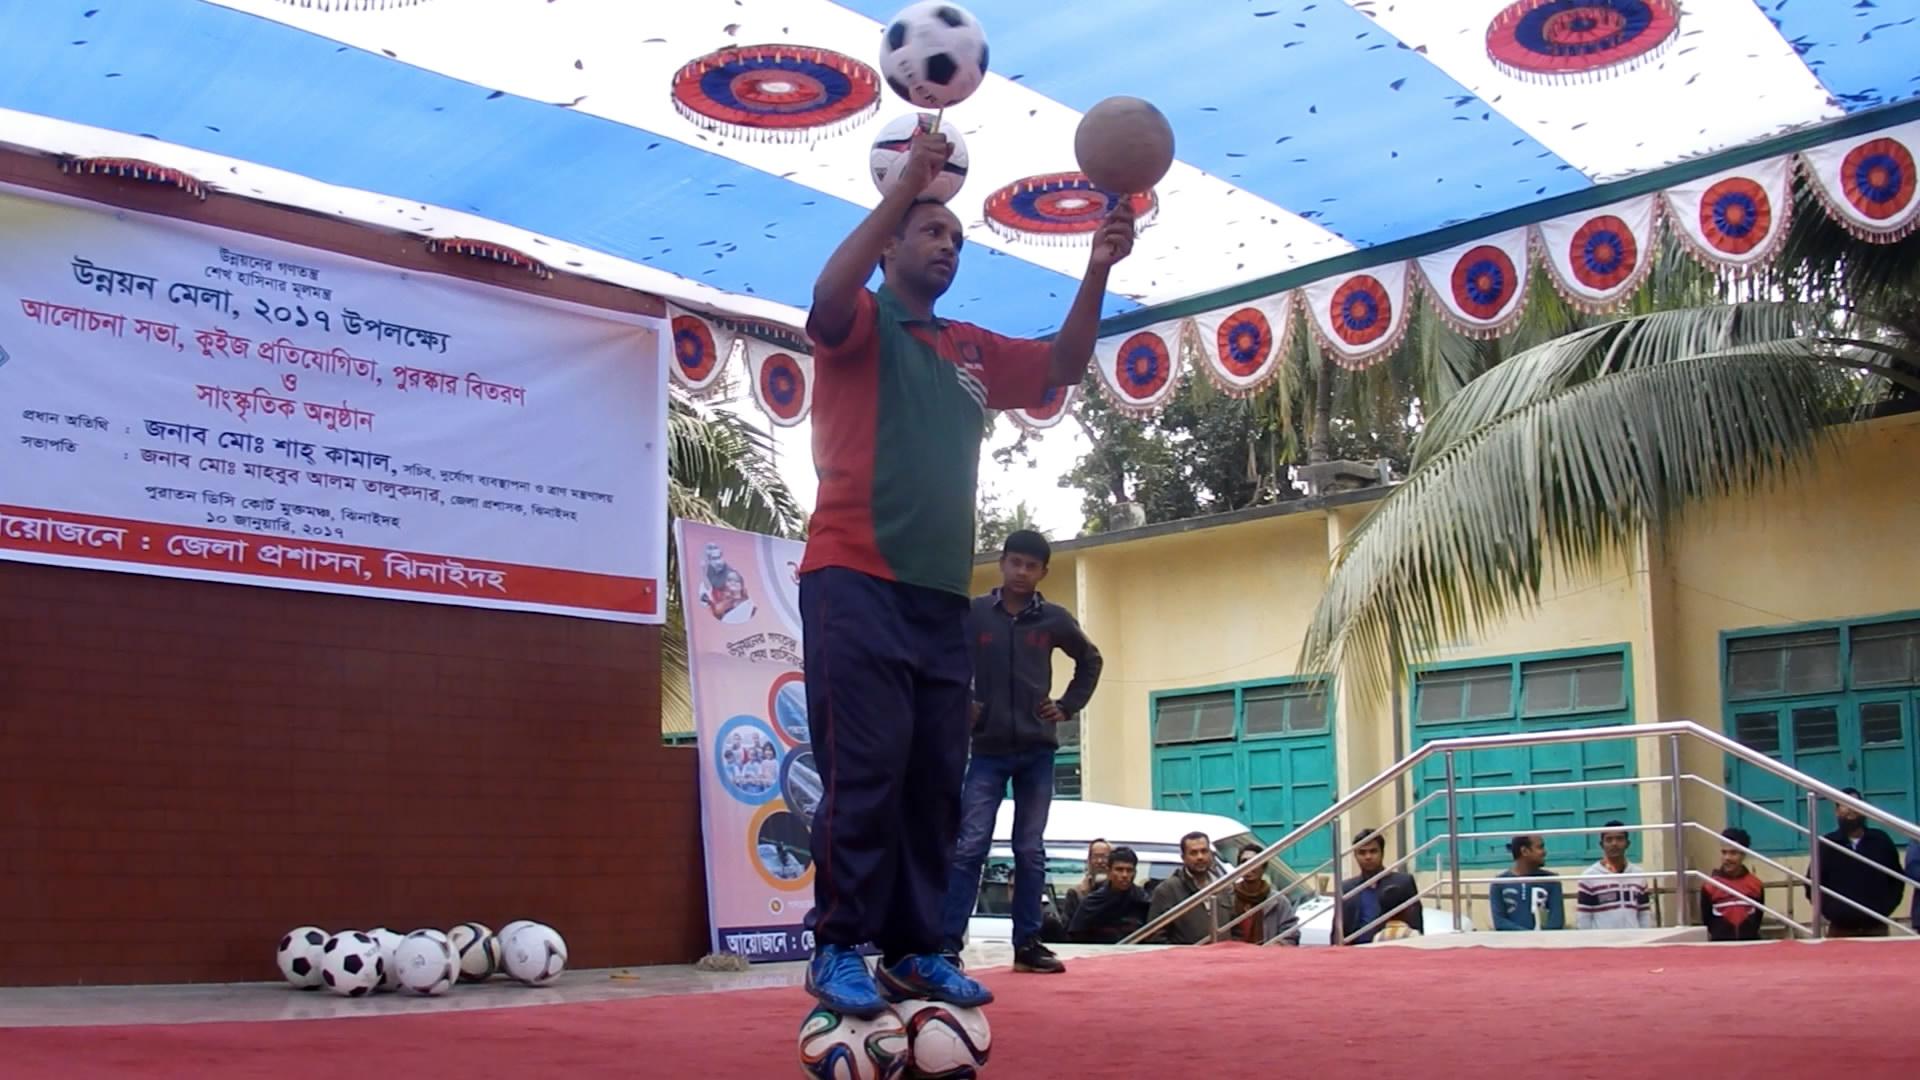 ফুটবল জাদুকর আব্দুল হালিমের নৈপুণ্য প্রদর্শনী